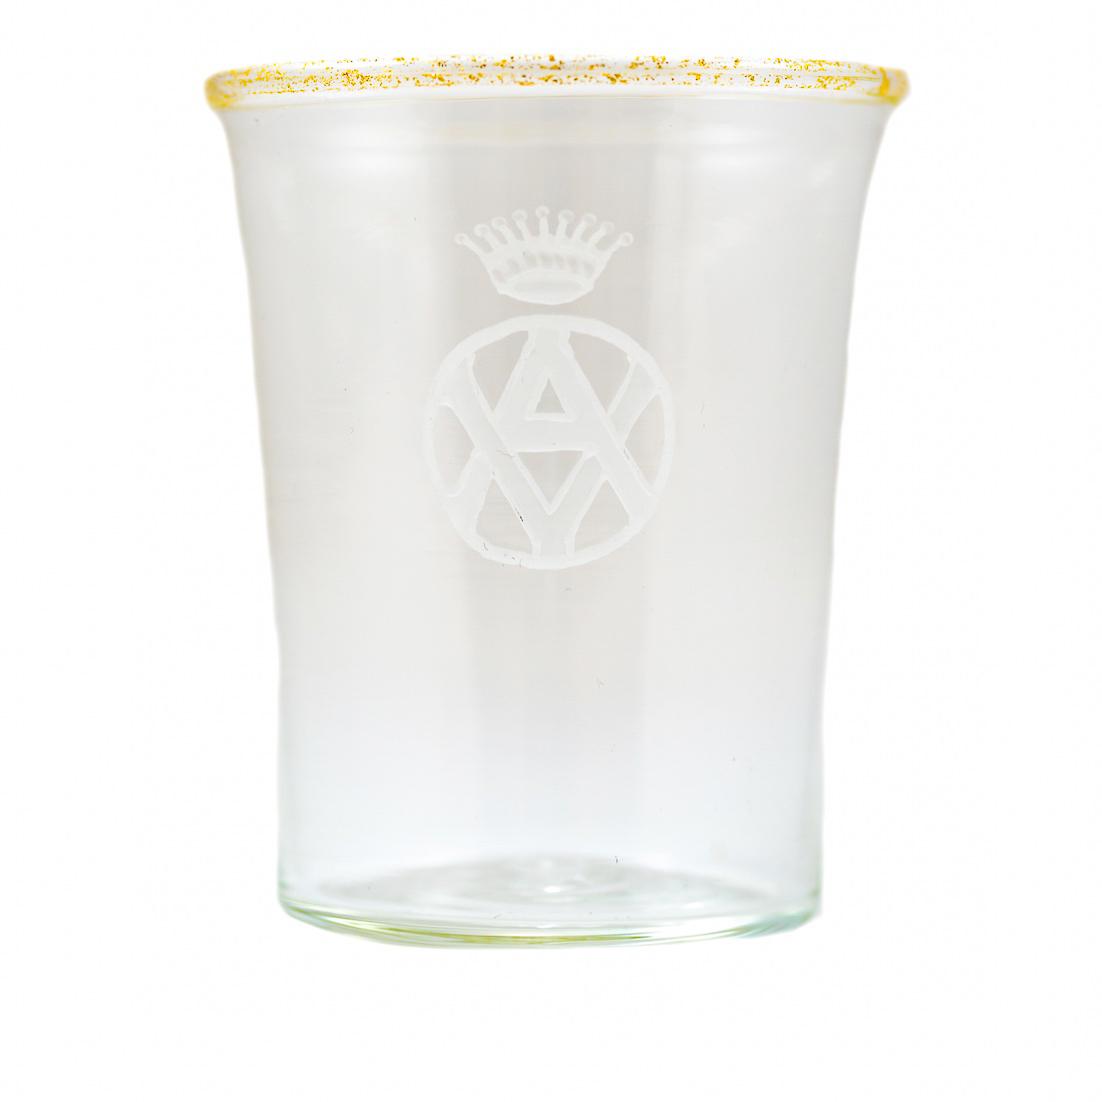 AV-water-glass-aman-venice-engraved